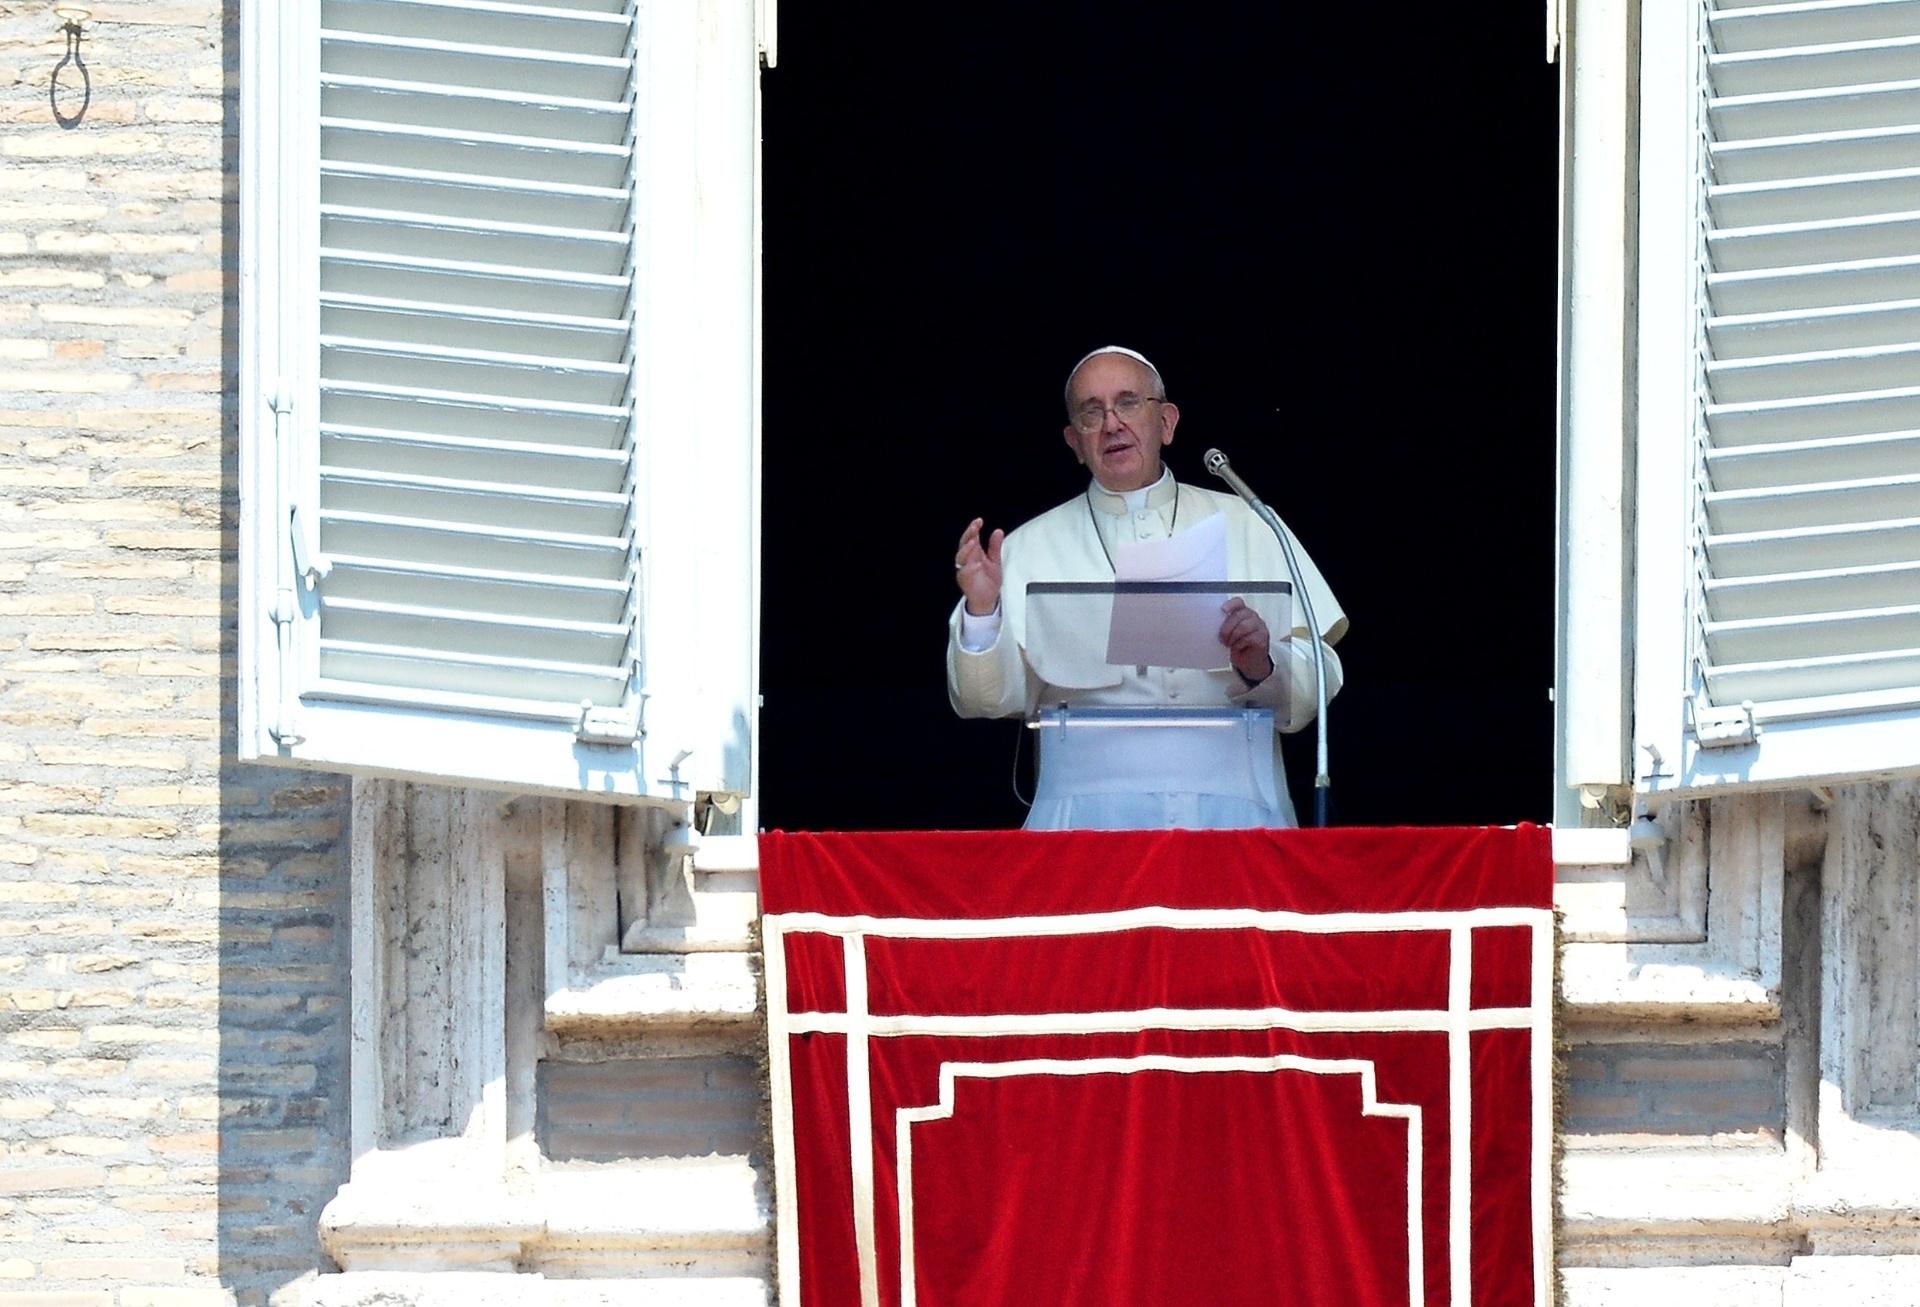 Papa Francisco reza o Angelus, neste domingo (10), no Vaticano. Ele criticou o conflito na faixa de Gaza e pediu que se faça guerras em nome de Deus